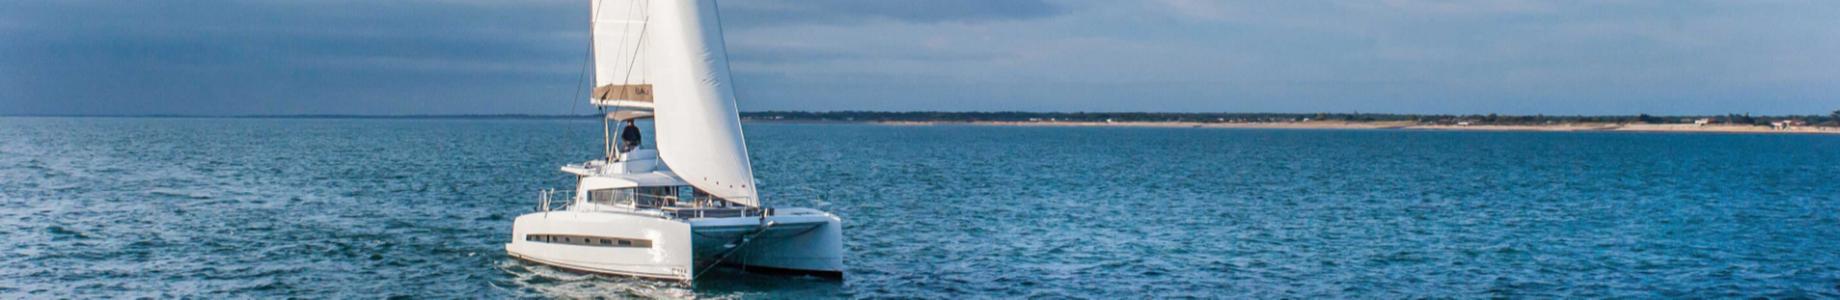 Top 10 Best Catamarans for Charter